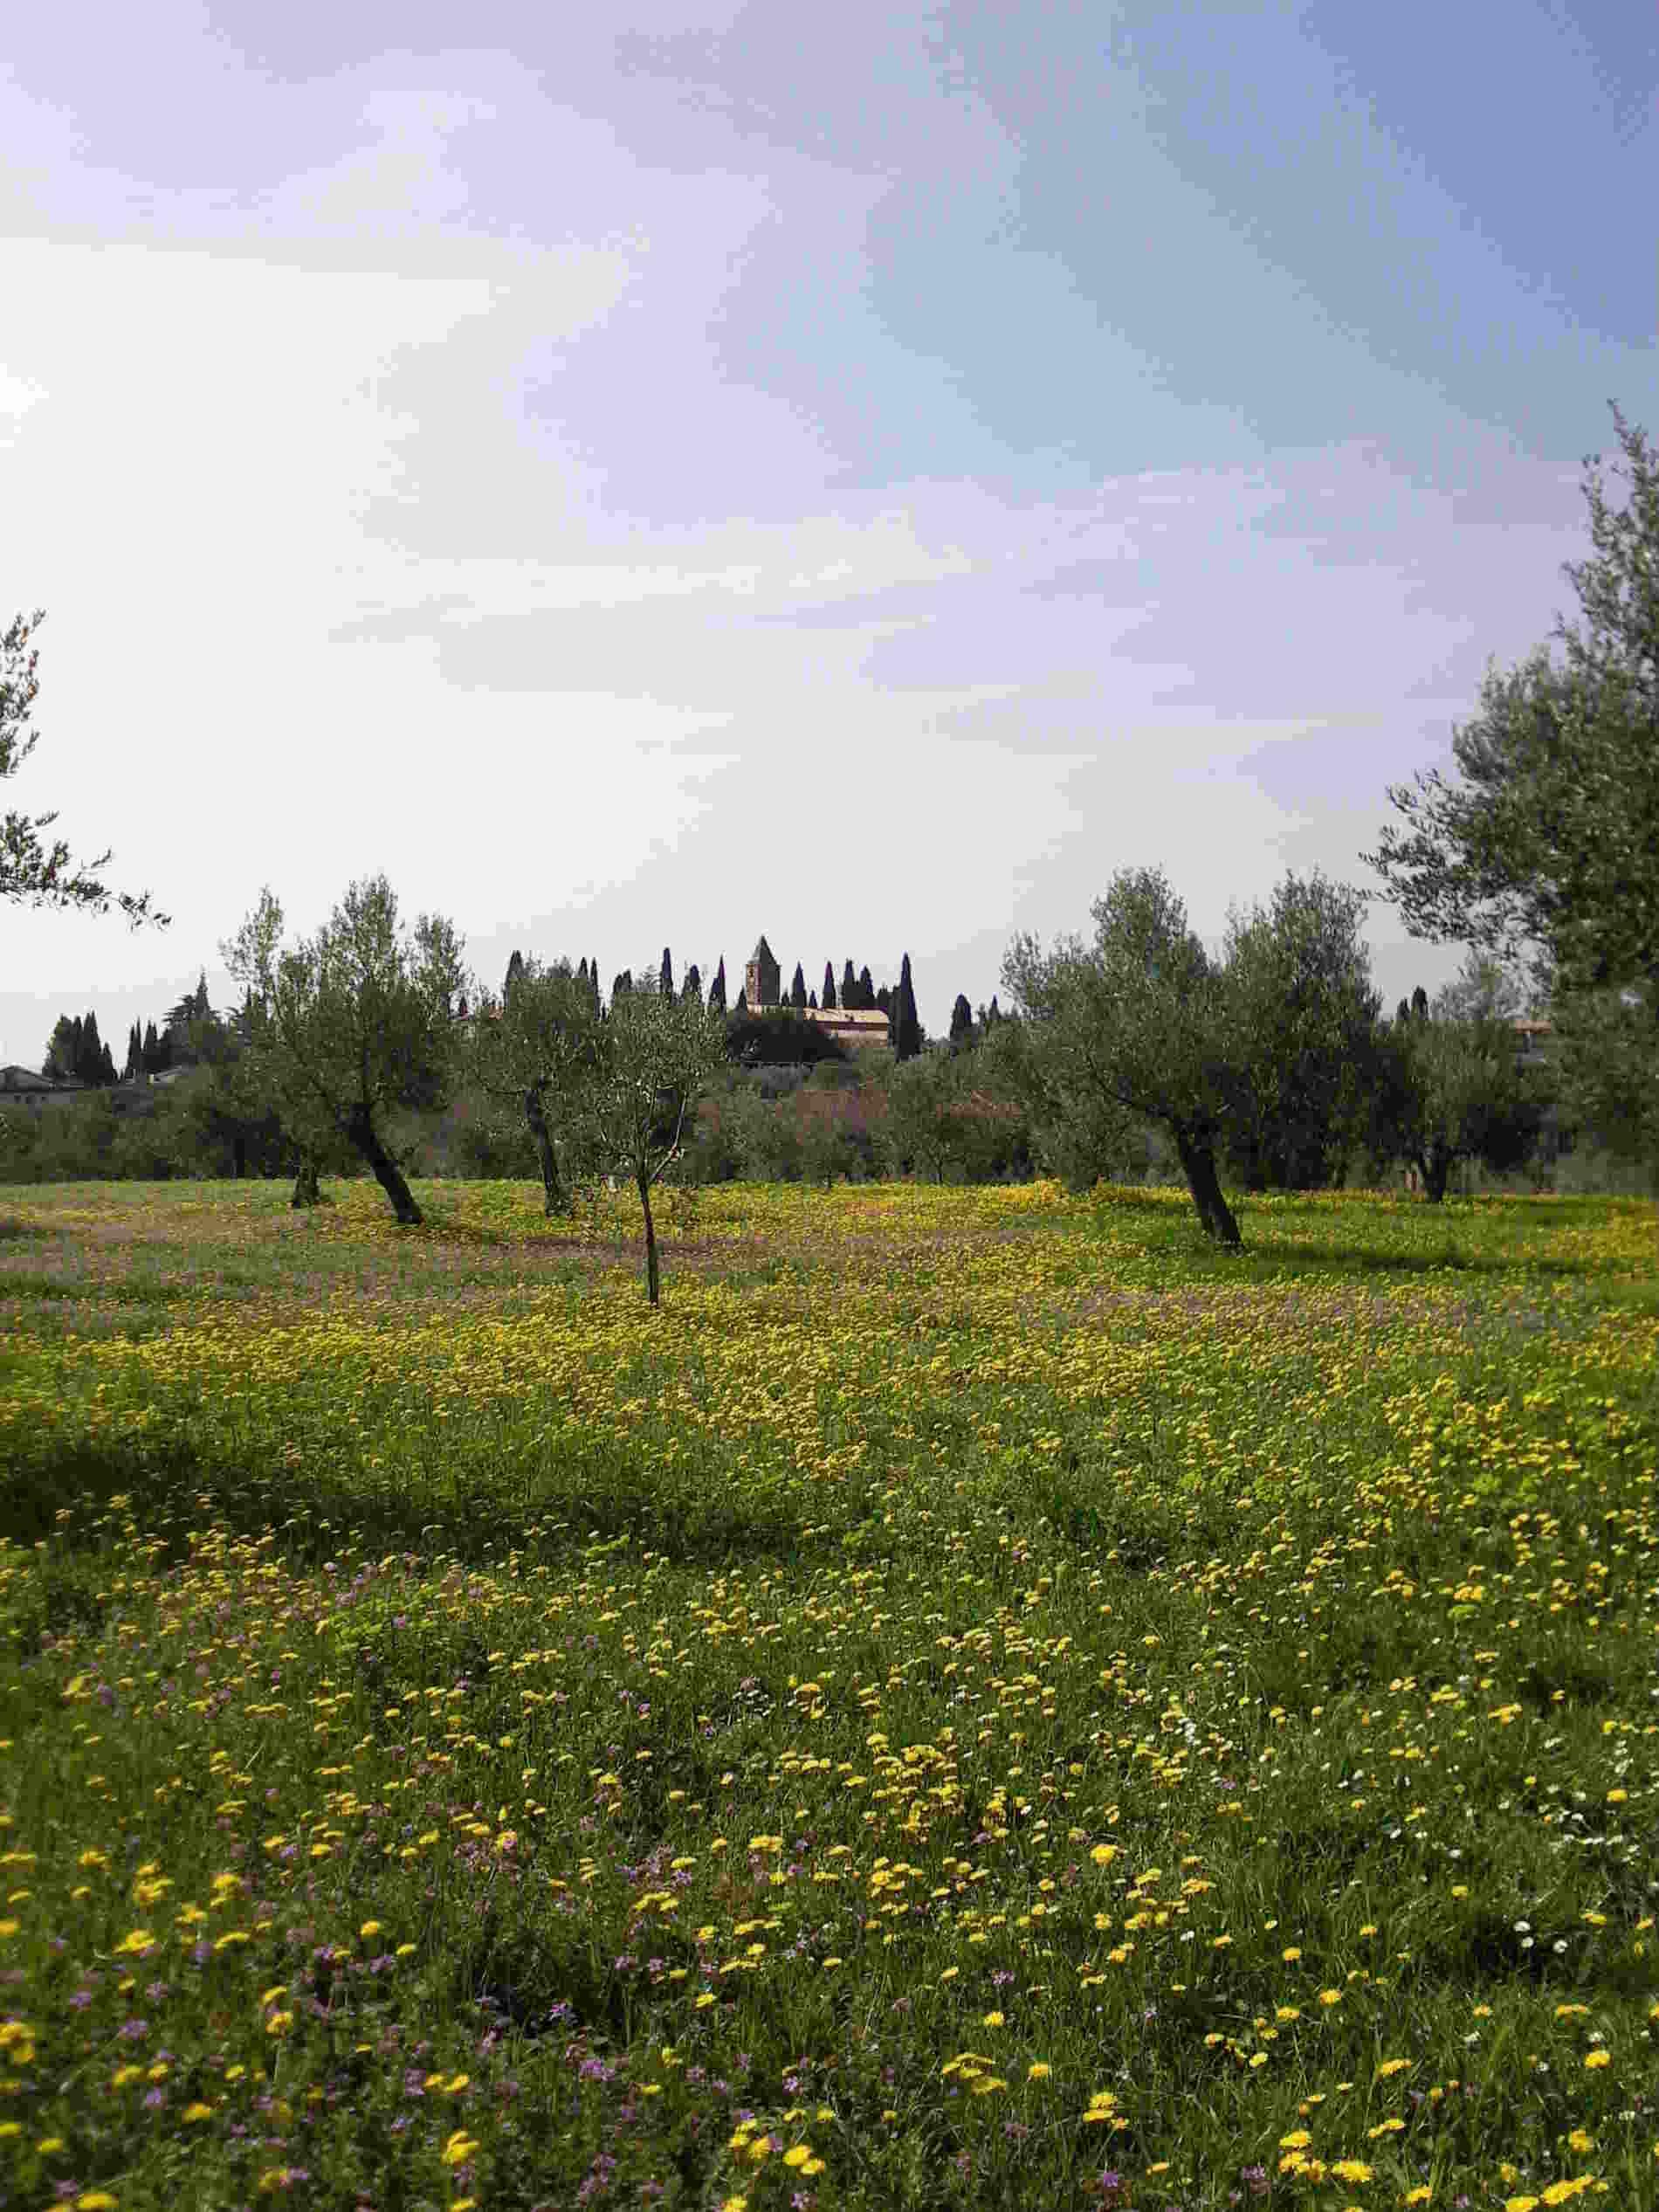 lago di Garda- Cosa fare e vedere a Sirmione Le campagne intorno alla Chiesetta di San Pietro in Mavinas